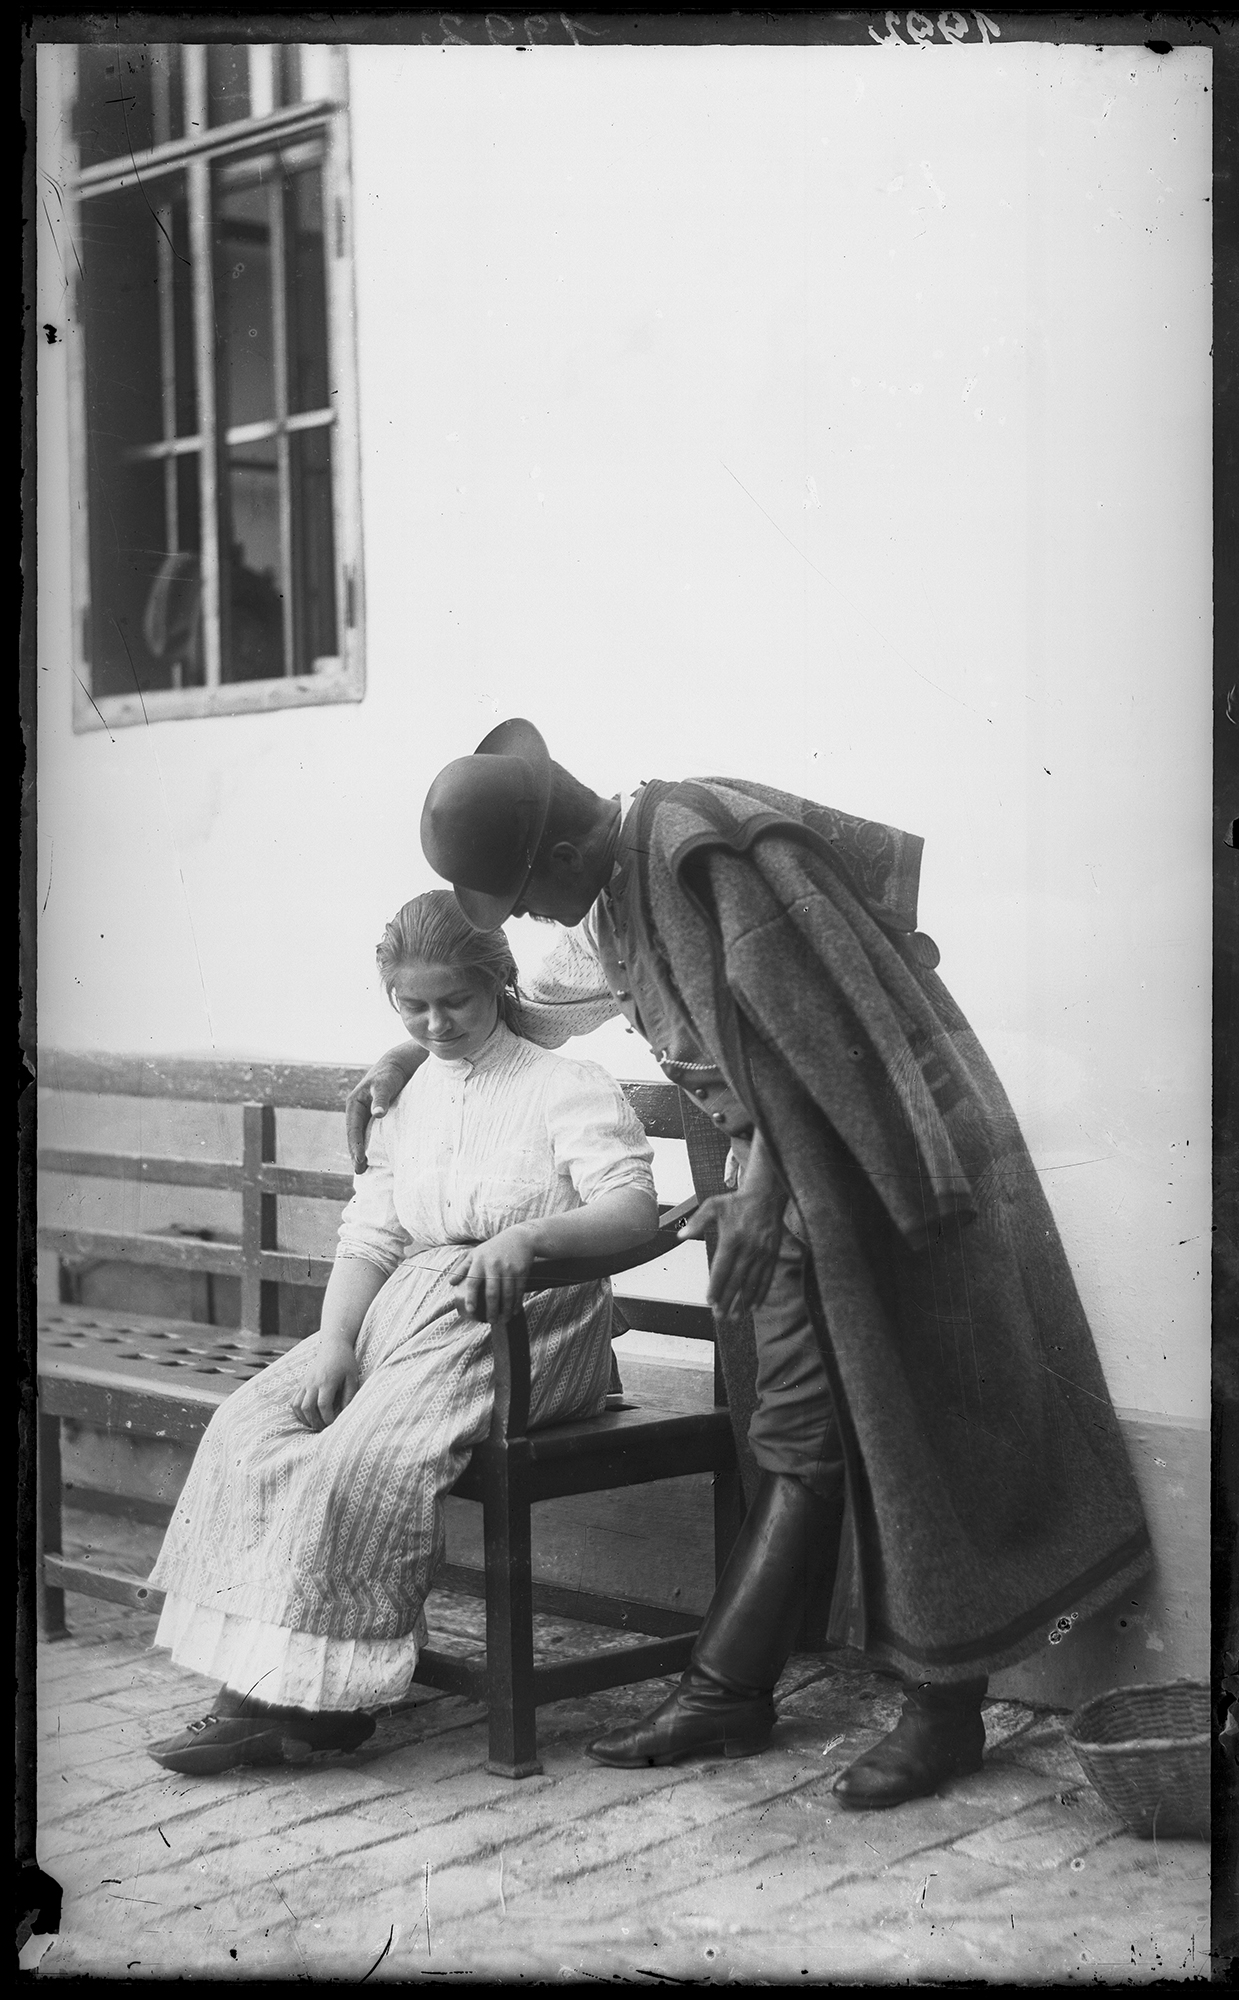 Fotó: Plohn József: Ismeretlen fiatal parasztpárt ábrázoló, beállított felvétel. A férfi szűrt visel. © Tornyai János Múzeum gyűjteménye, Hódmezővásárhely